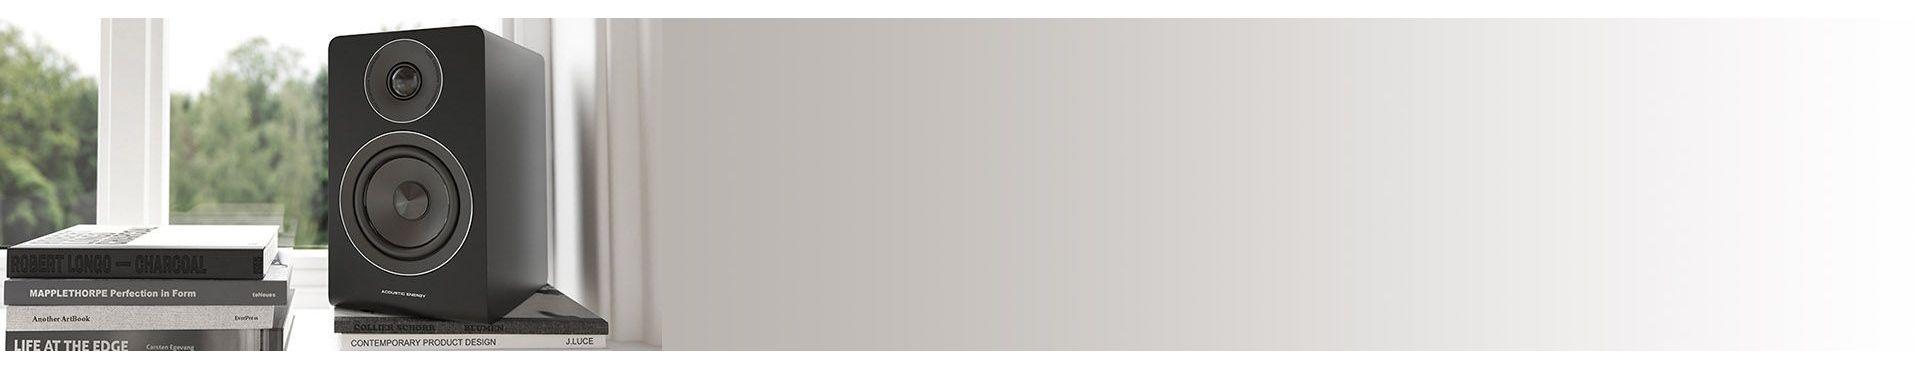 Lentyninės garso kolonėlės - Puikus pasirinkimas taupantiems vietą